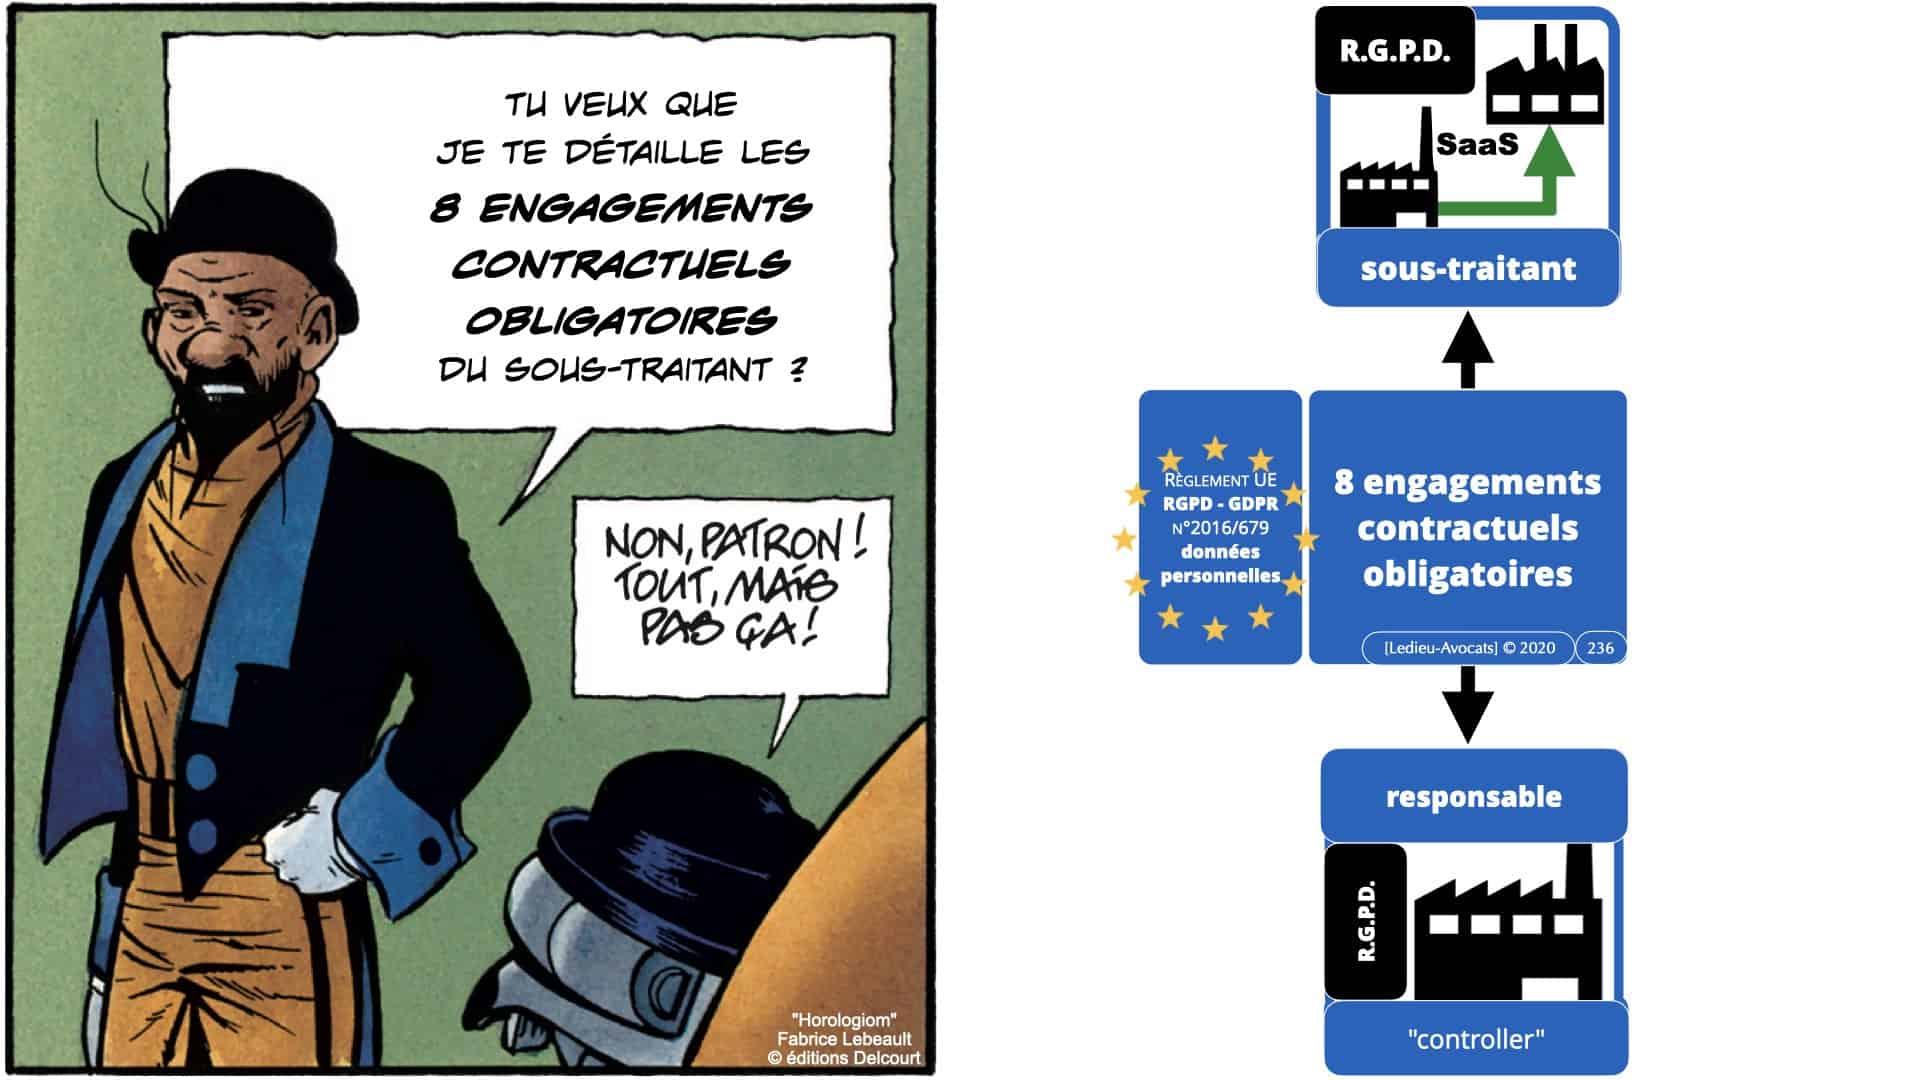 RGPD e-Privacy données personnelles jurisprudence formation Lamy Les Echos 10-02-2021 ©Ledieu-Avocats.236